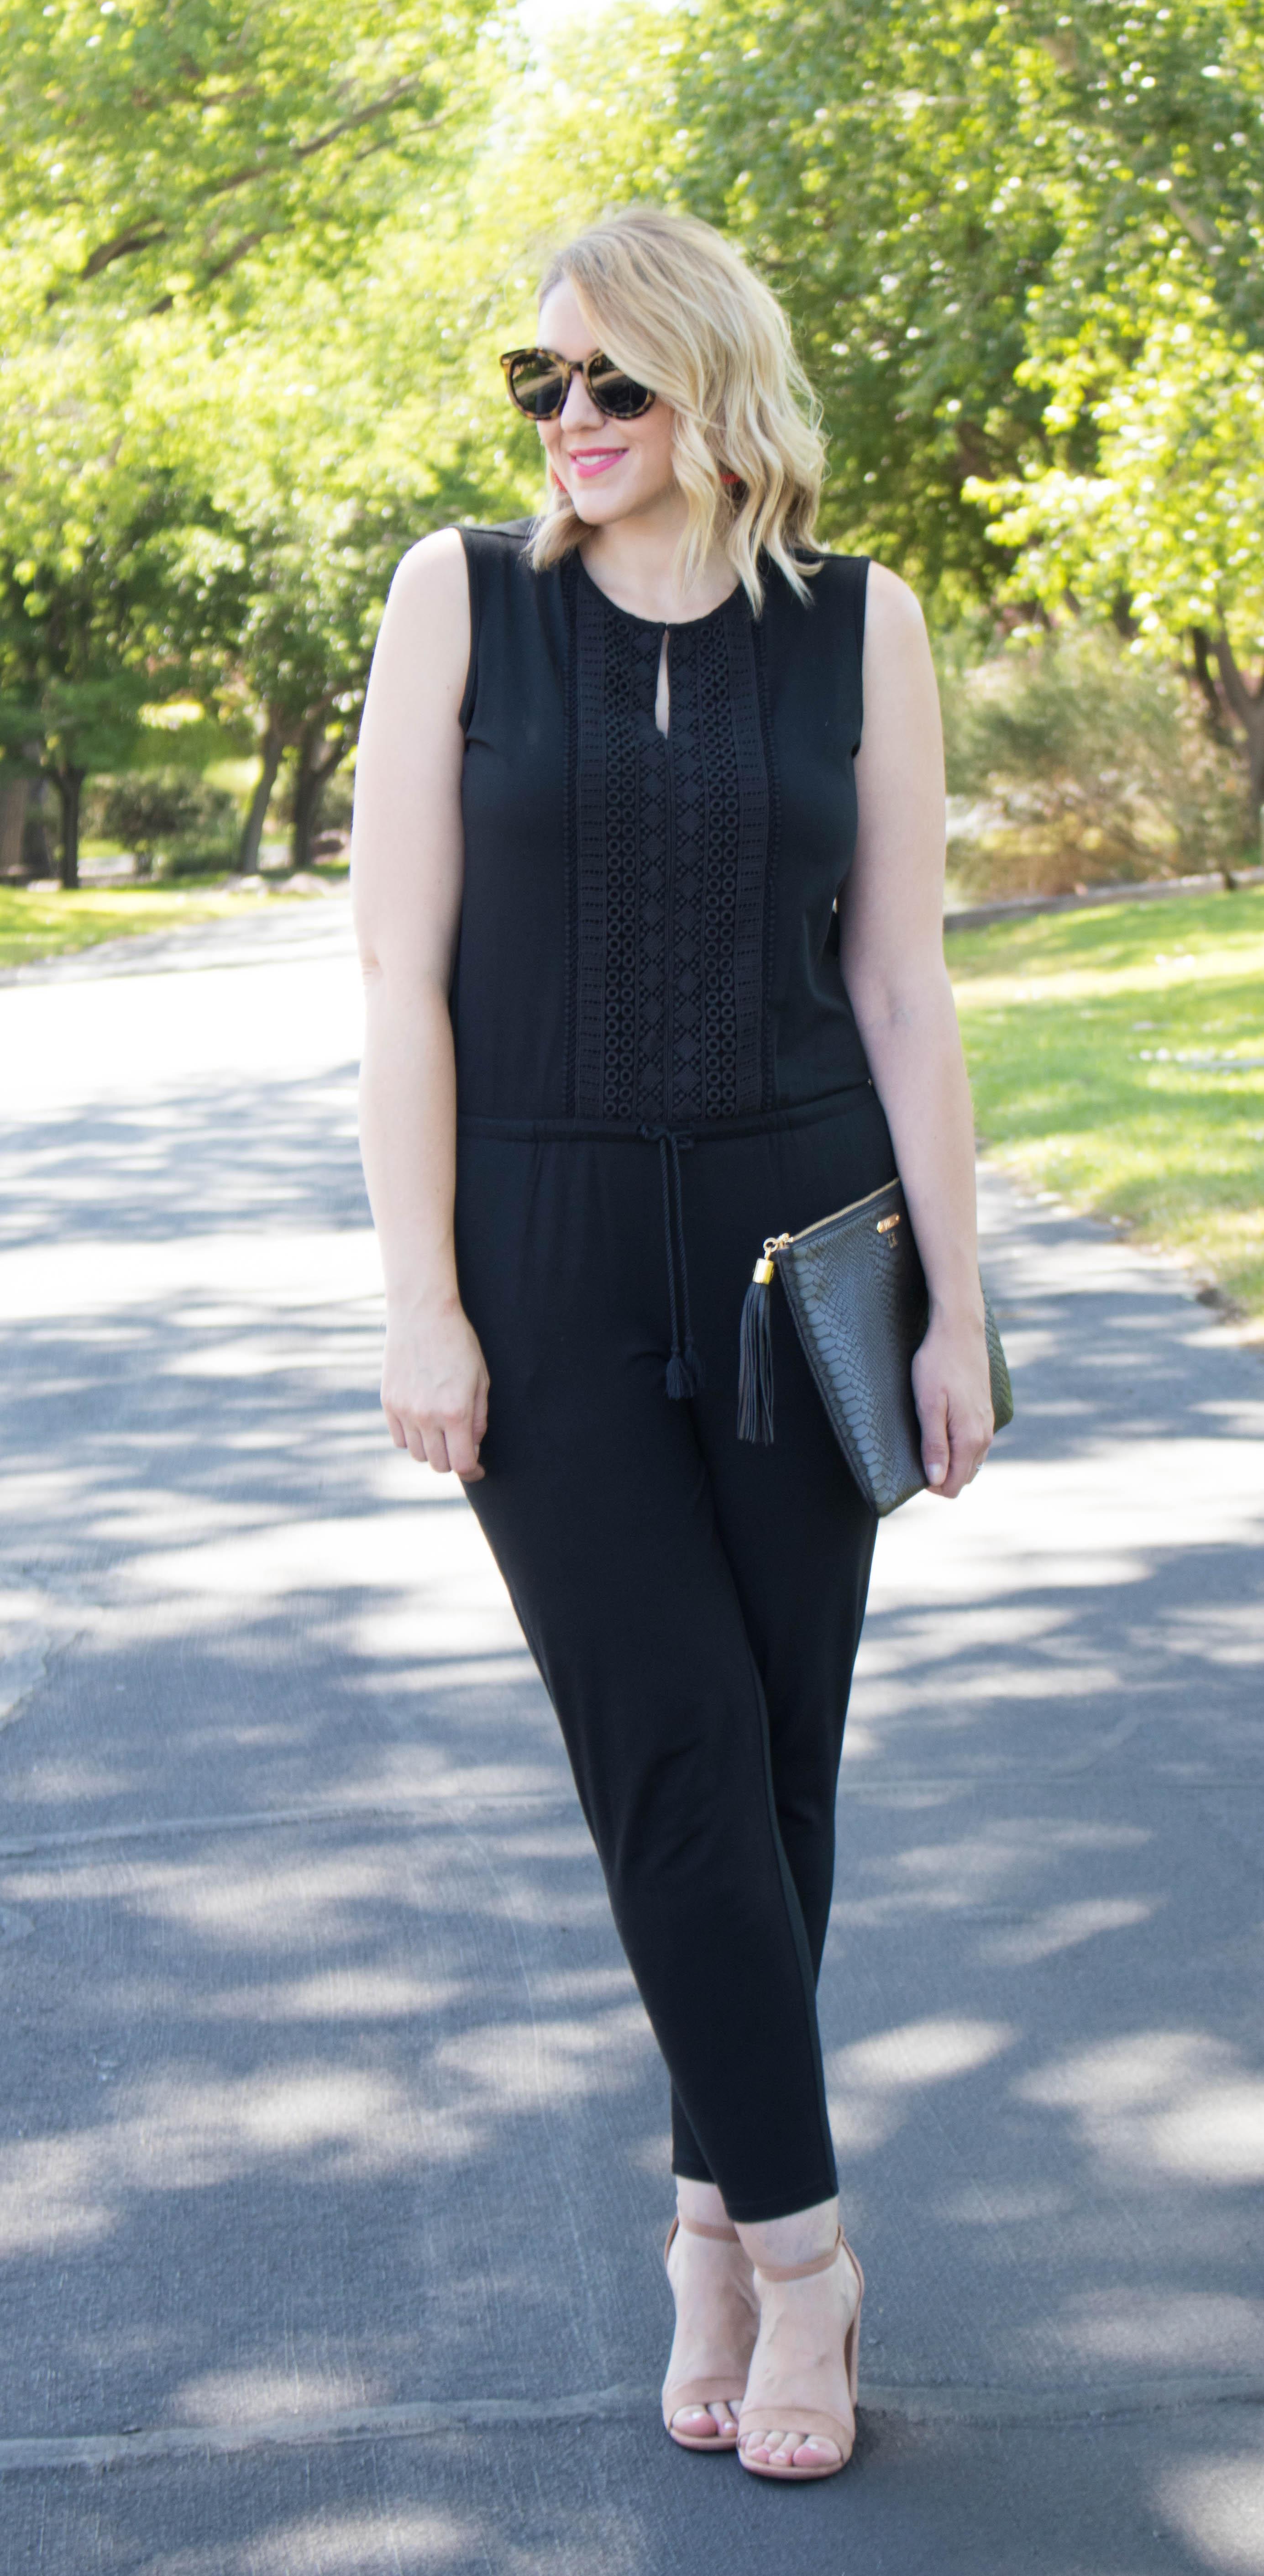 lauren ralph lauren skinny jumpsuit #macys #jumpsuit #ralphlauren